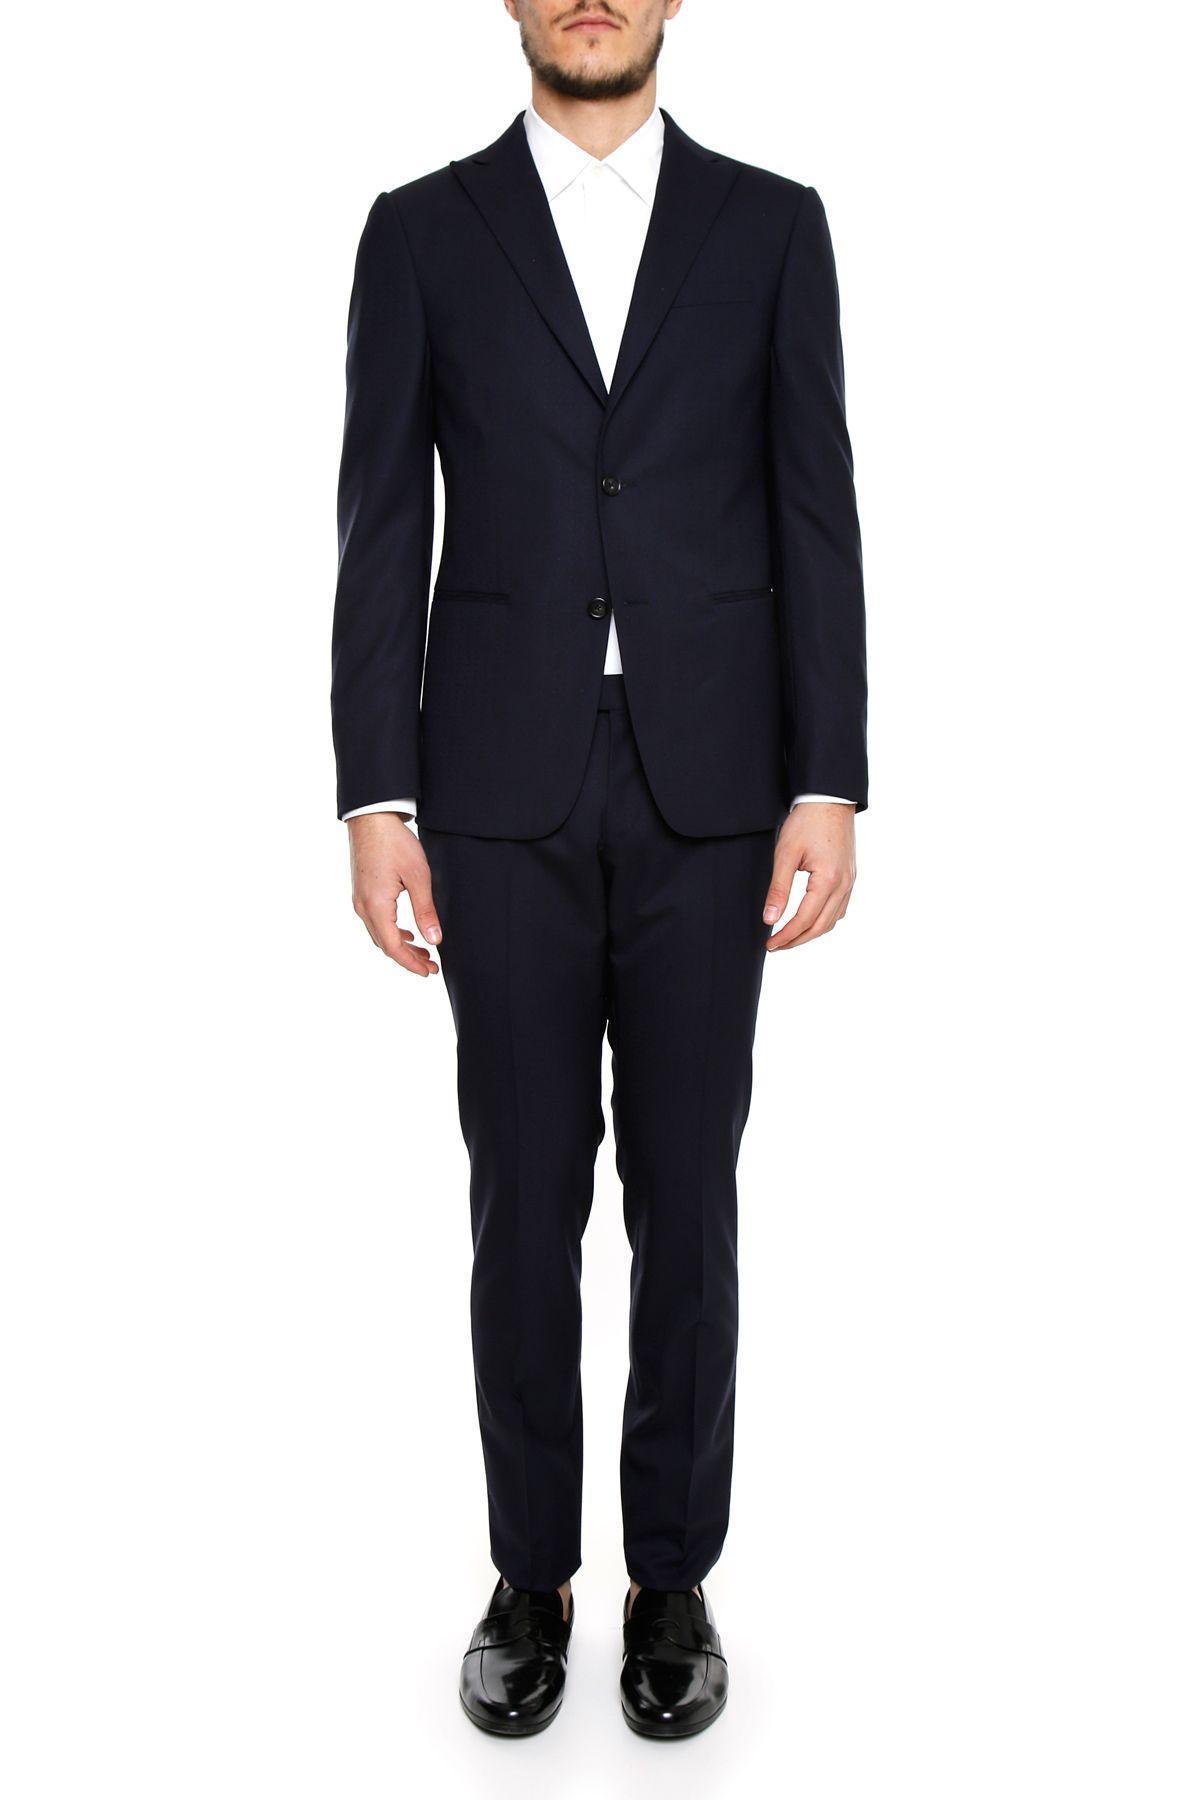 Z Zegna Two-piece Suit In Navy Sldblu